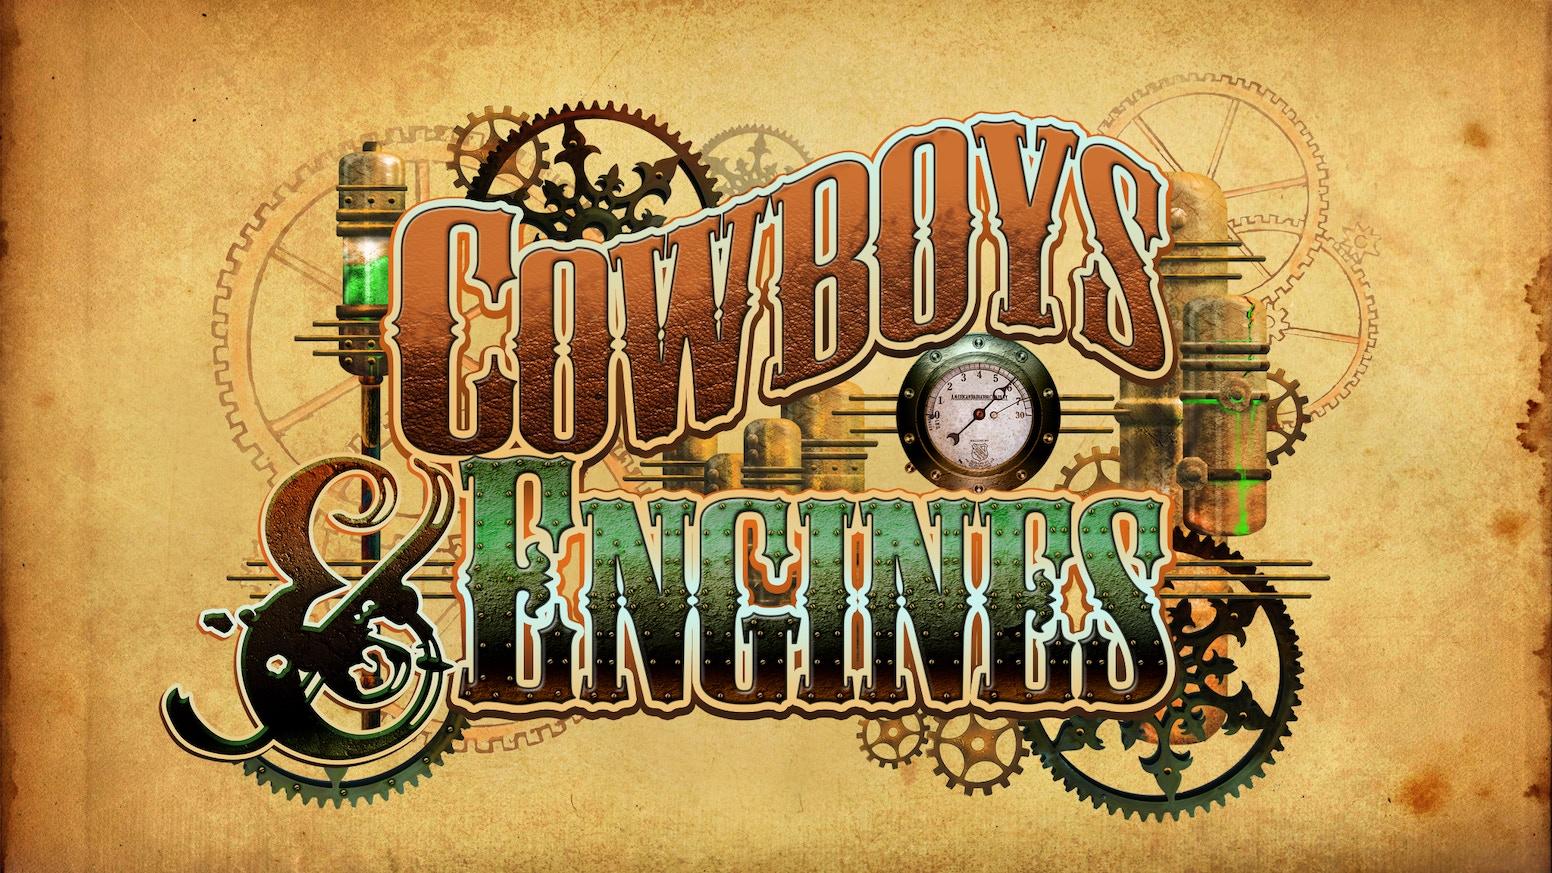 a3a0a8b47723 Cowboys   Engines  A Steampunk Film by Bryn Pryor — Kickstarter